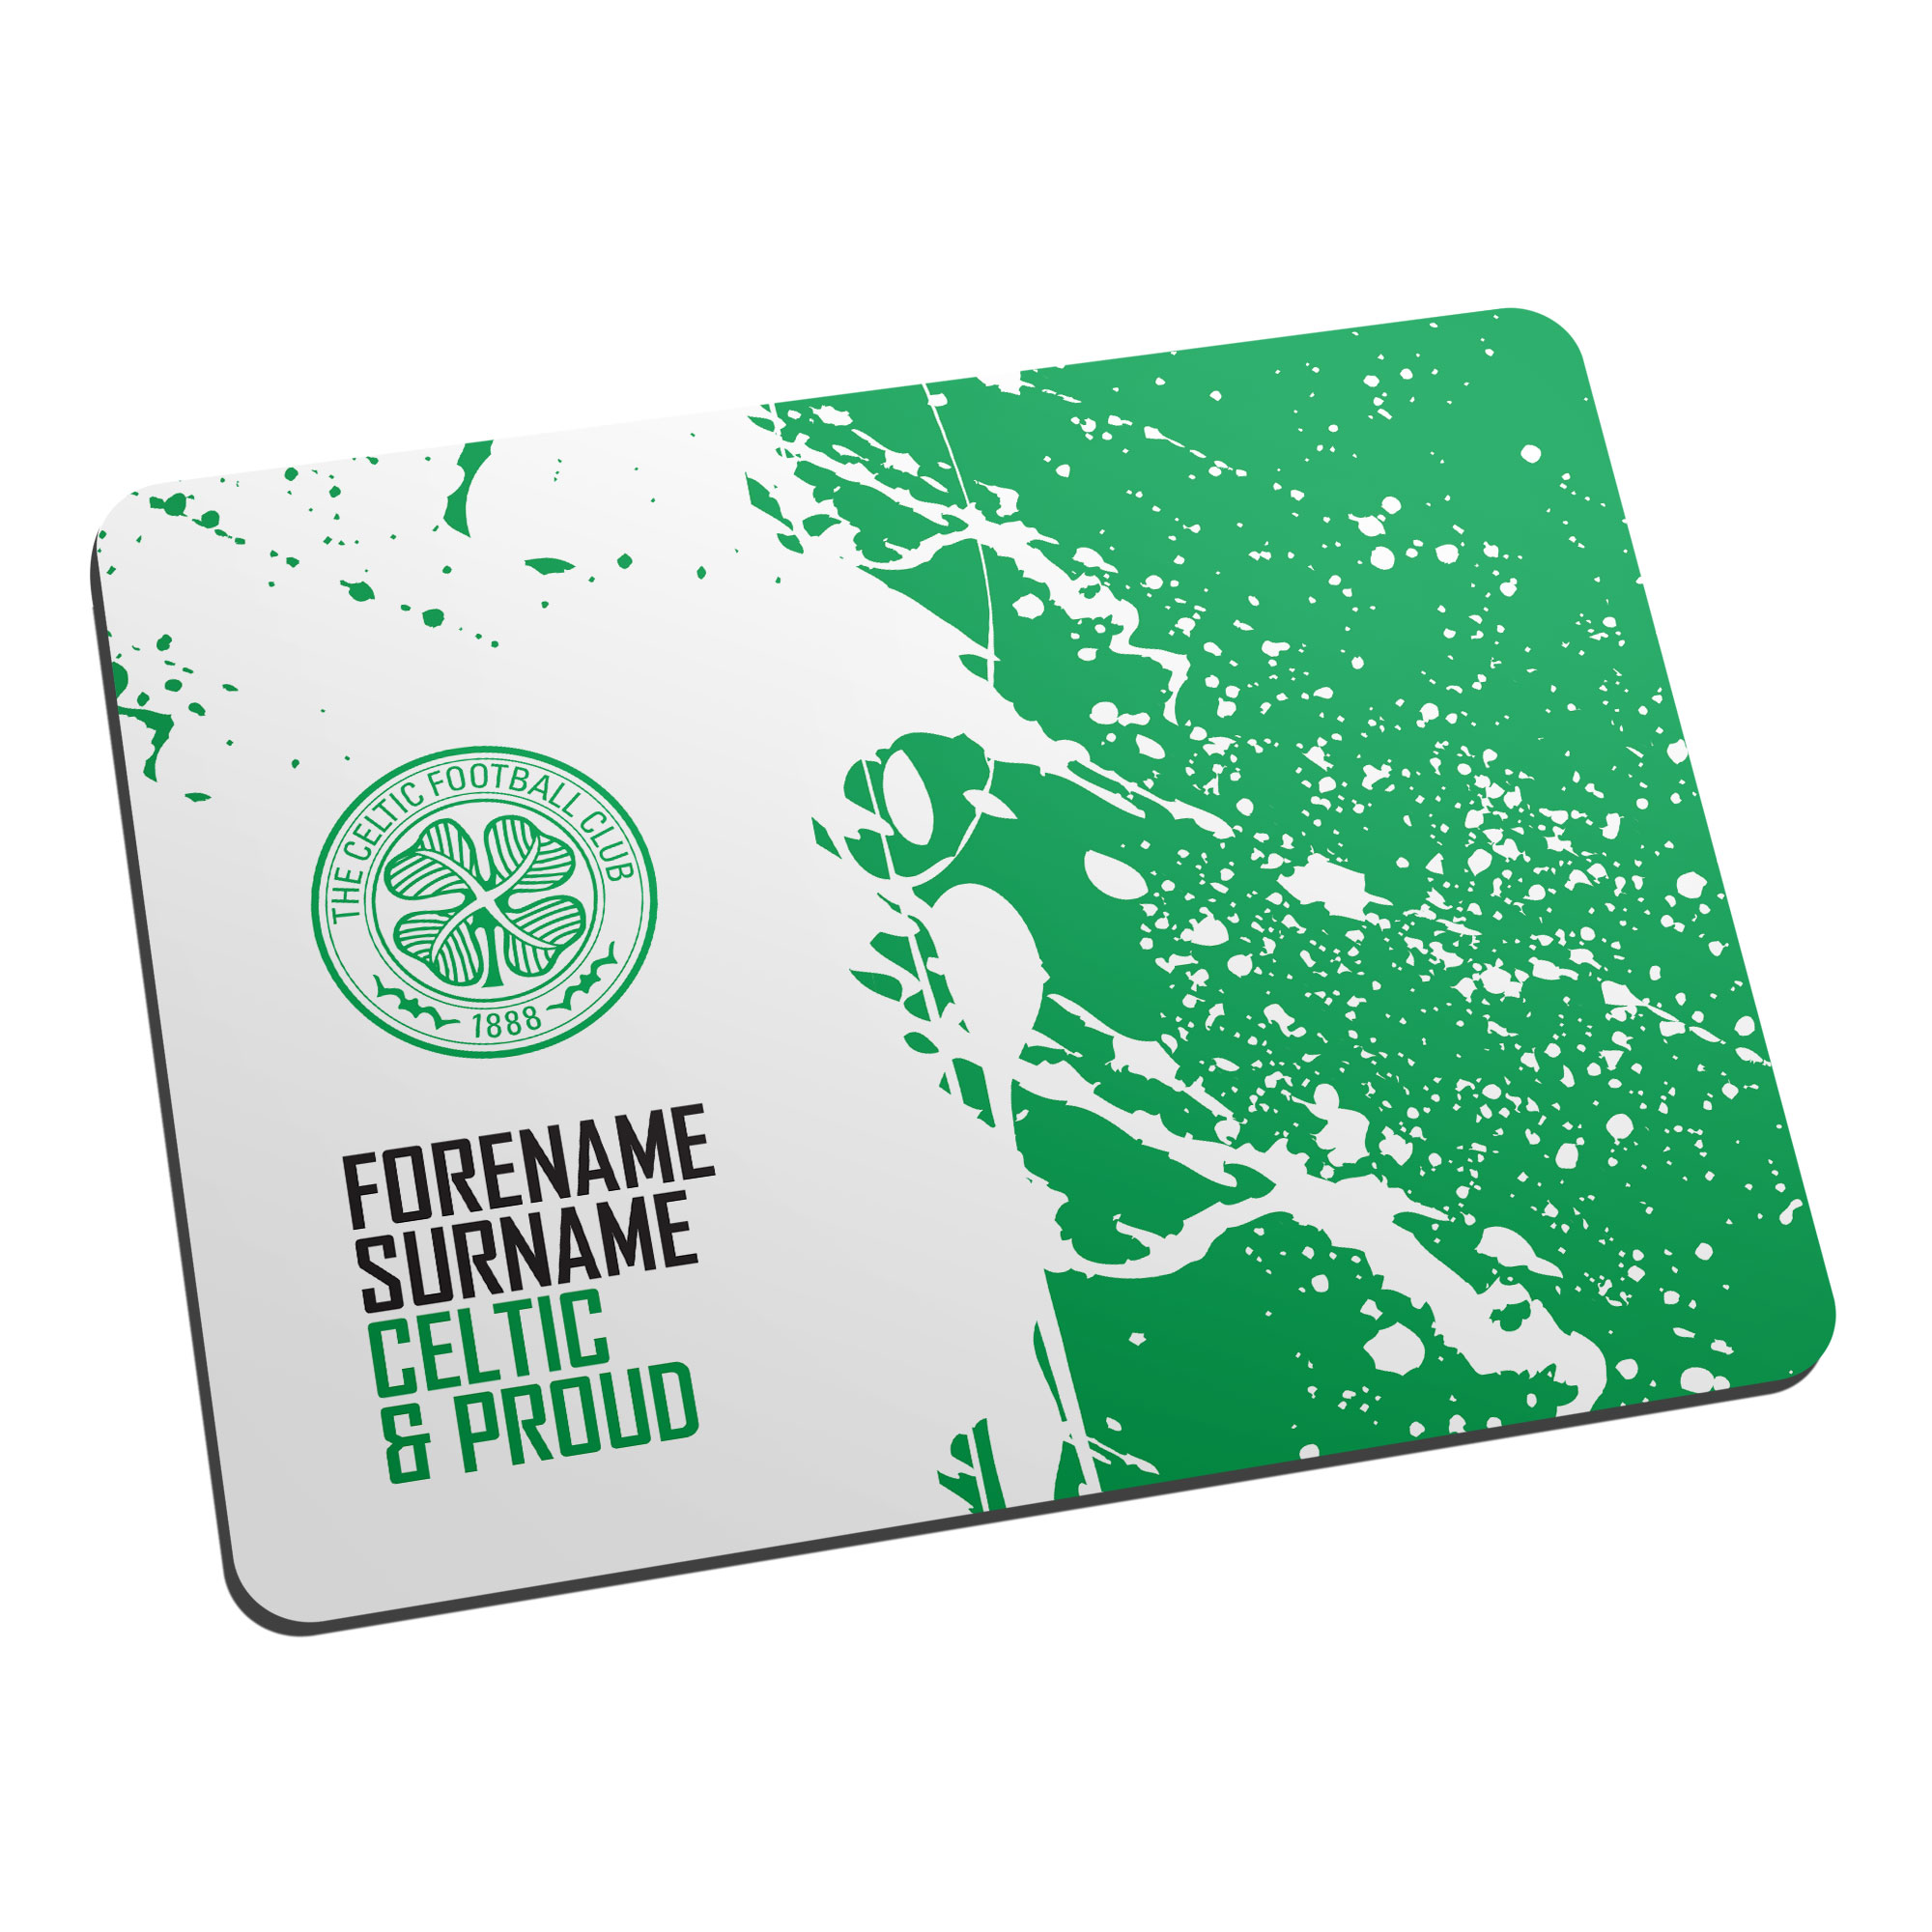 Celtic FC Proud Mouse Mat